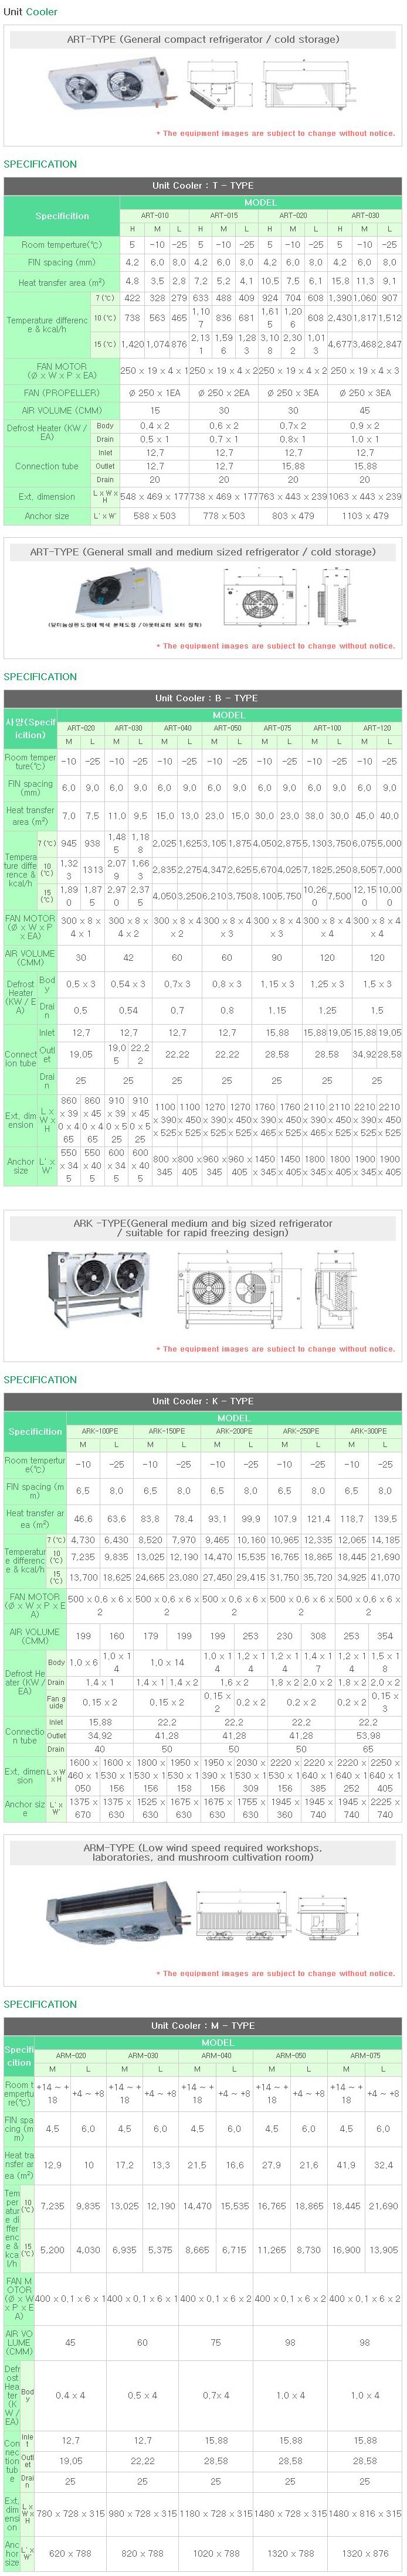 AR Unit Cooler